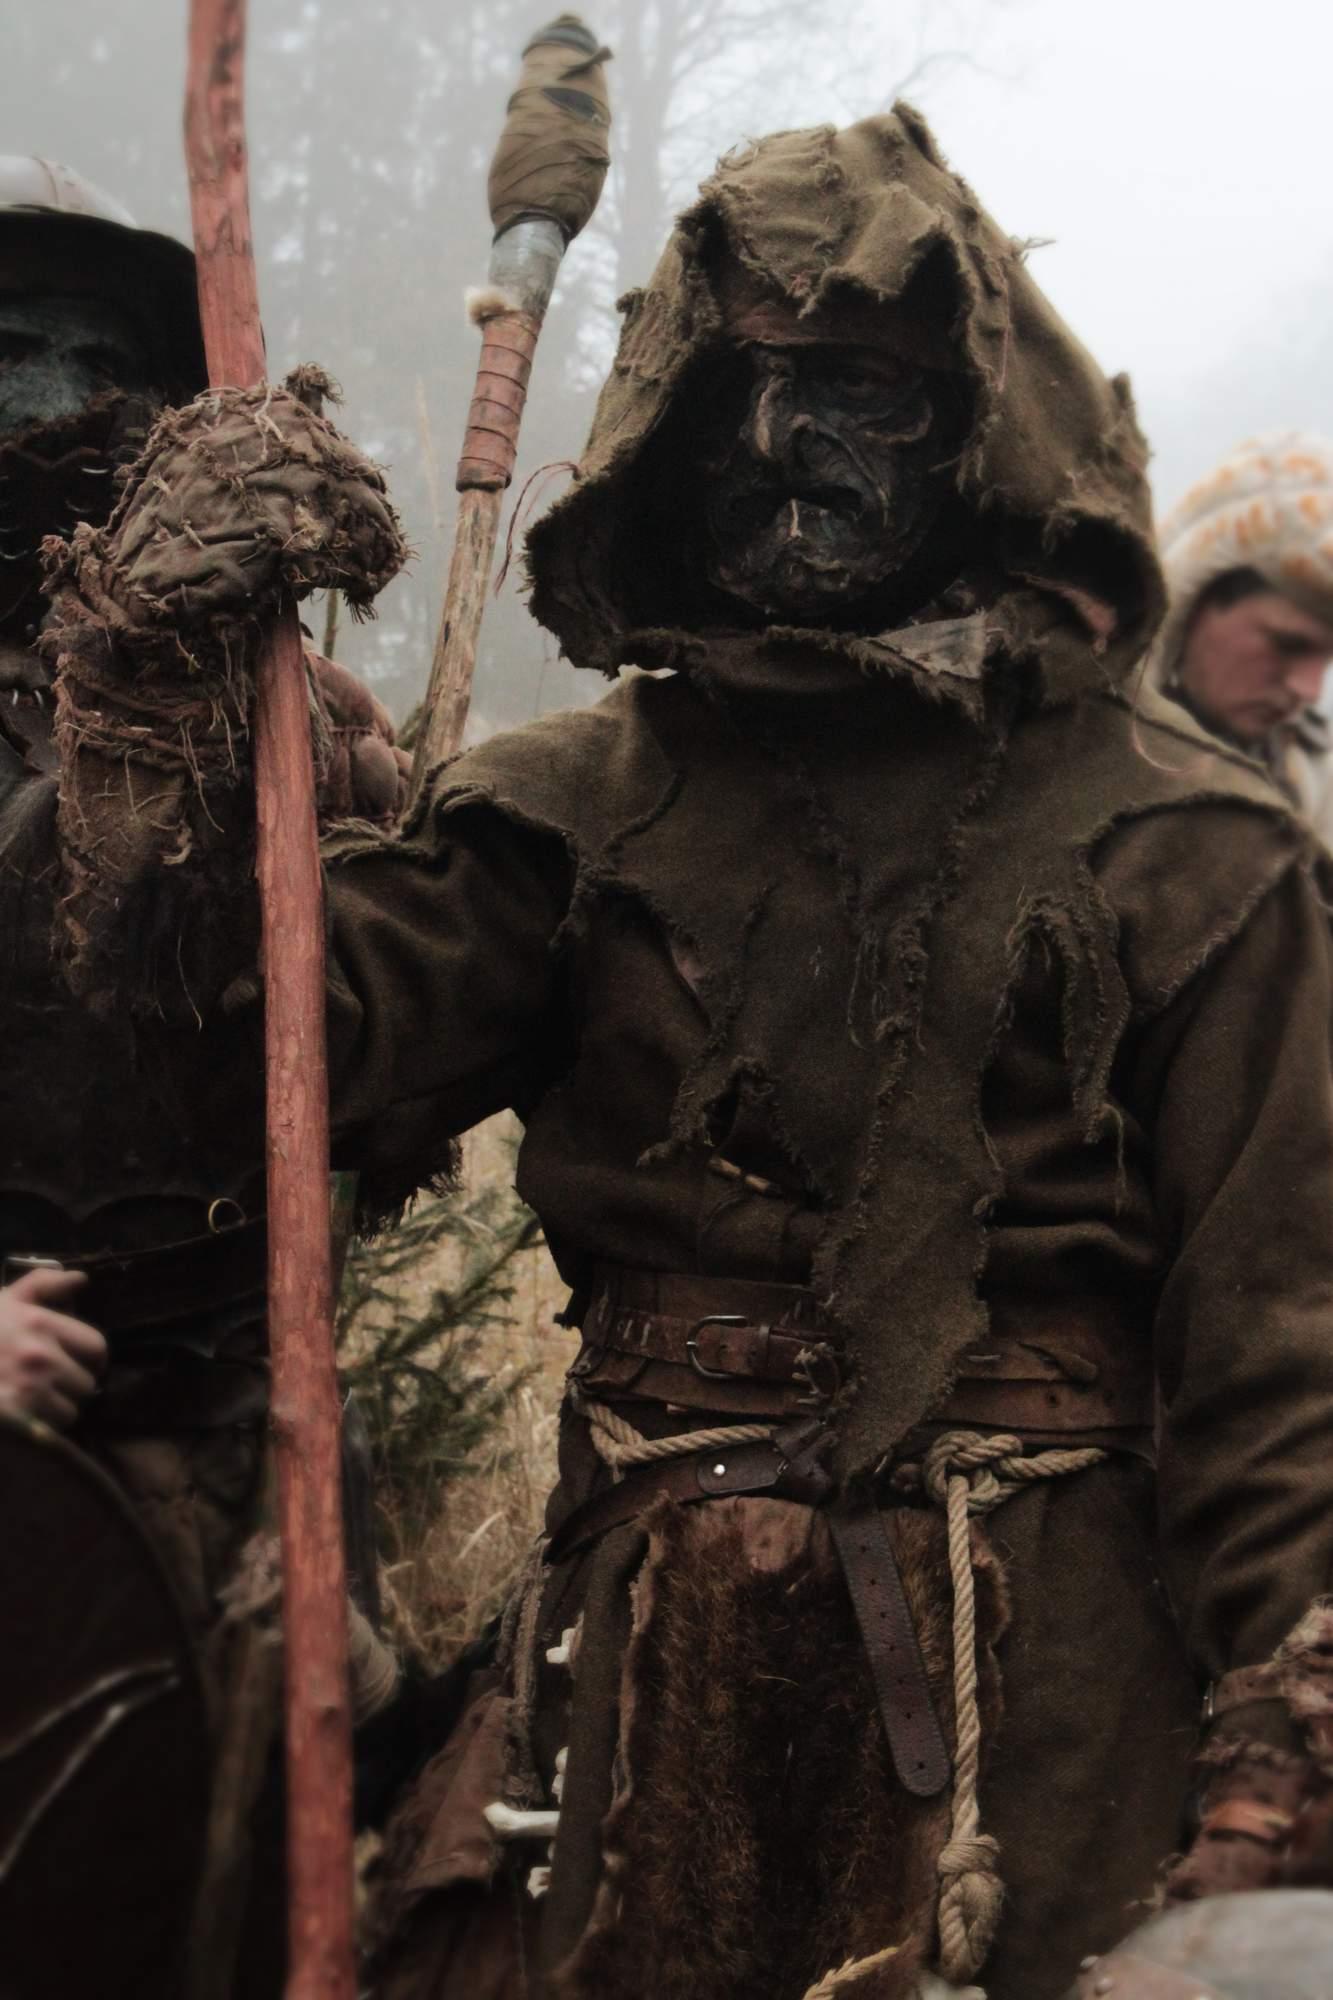 Krushak - LARP orc costume for winter by Krushak-Dagra